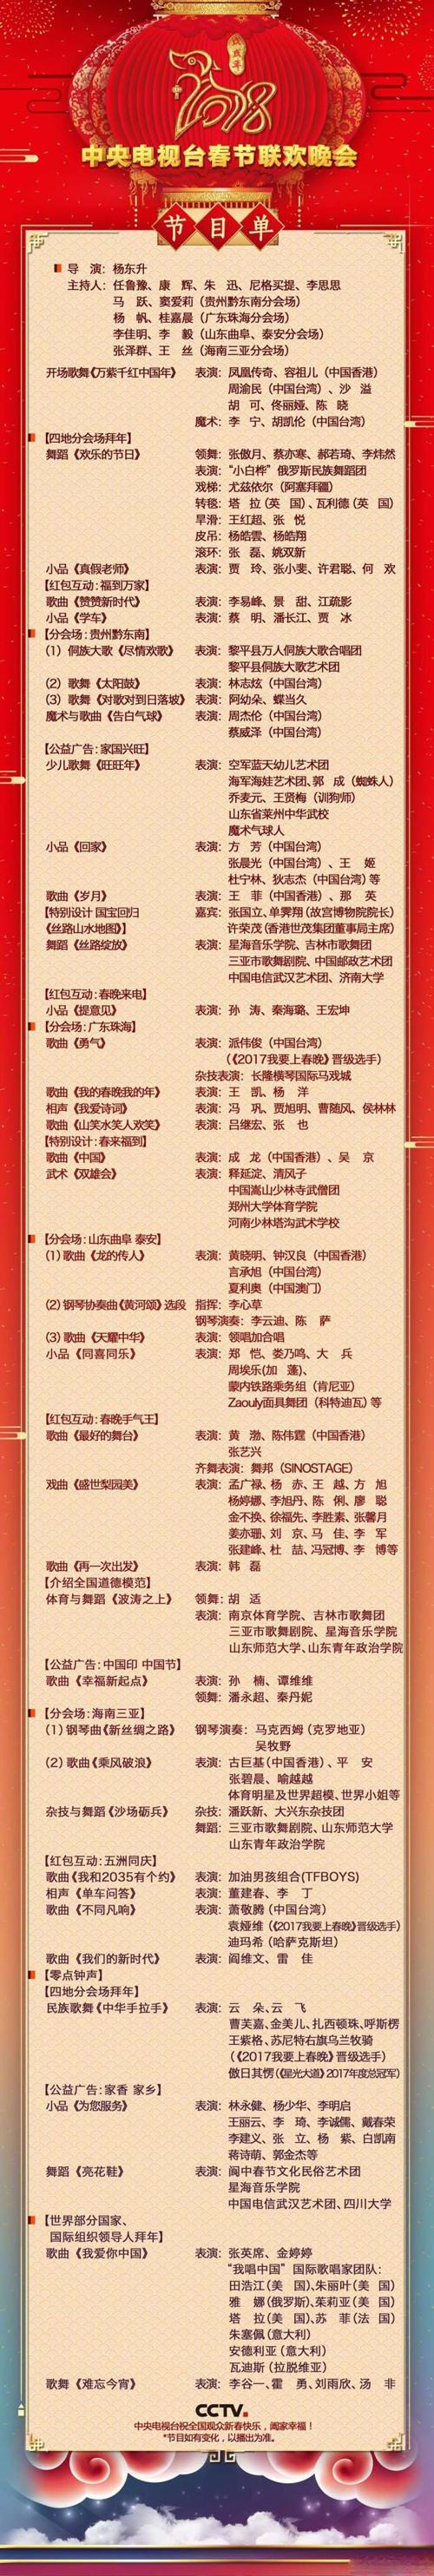 中央電視臺春節聯歡晚會節目單 - 青島新聞網圖片